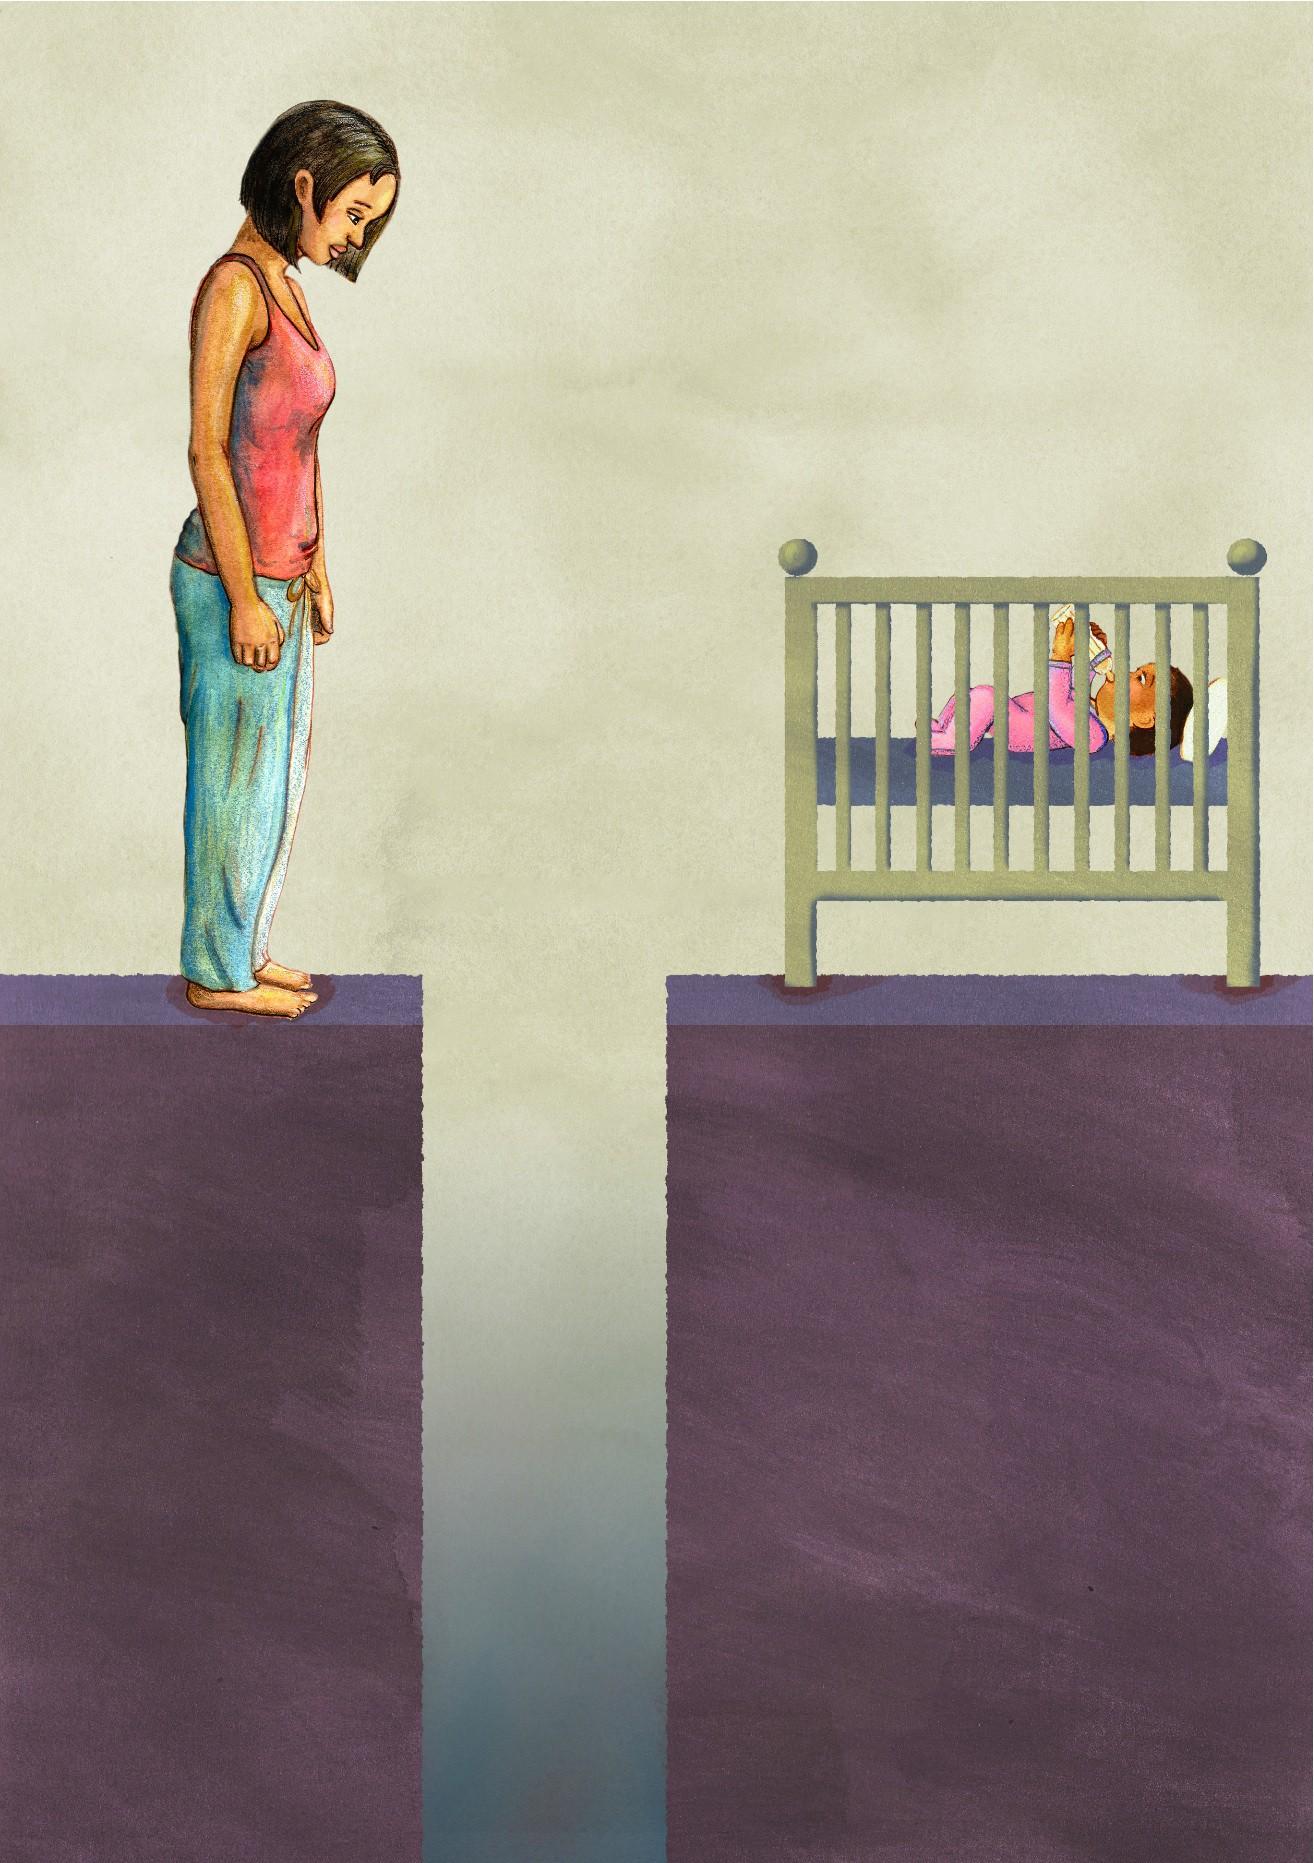 Vụ mẹ thắt cổ con và cháu nhỏ ở Hà Nội: Những thảm kịch đau lòng vì chứng trầm cảm của người mẹ gây nên cái chết của trẻ thơ 3